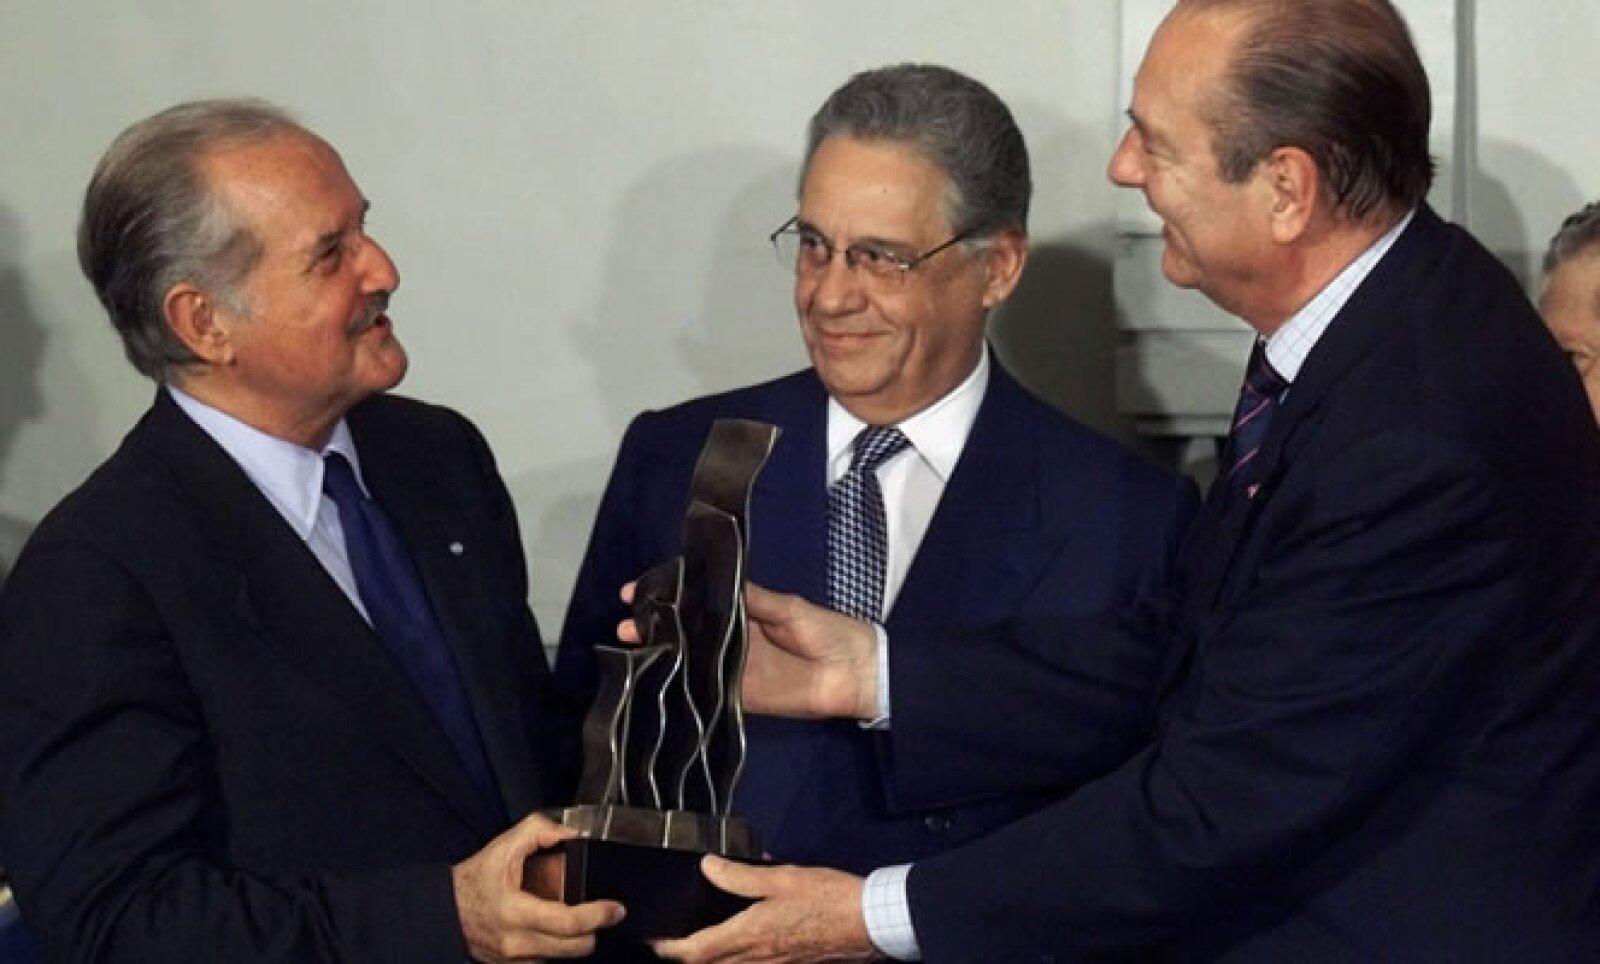 El 27 de julio de 1999, el escritor de 'La silla del águila' recibió el premio Identidad Latina por el entonces presidente francés Jacques Chirac y el mandatario brasileño Fernando Henrique Cardoso.